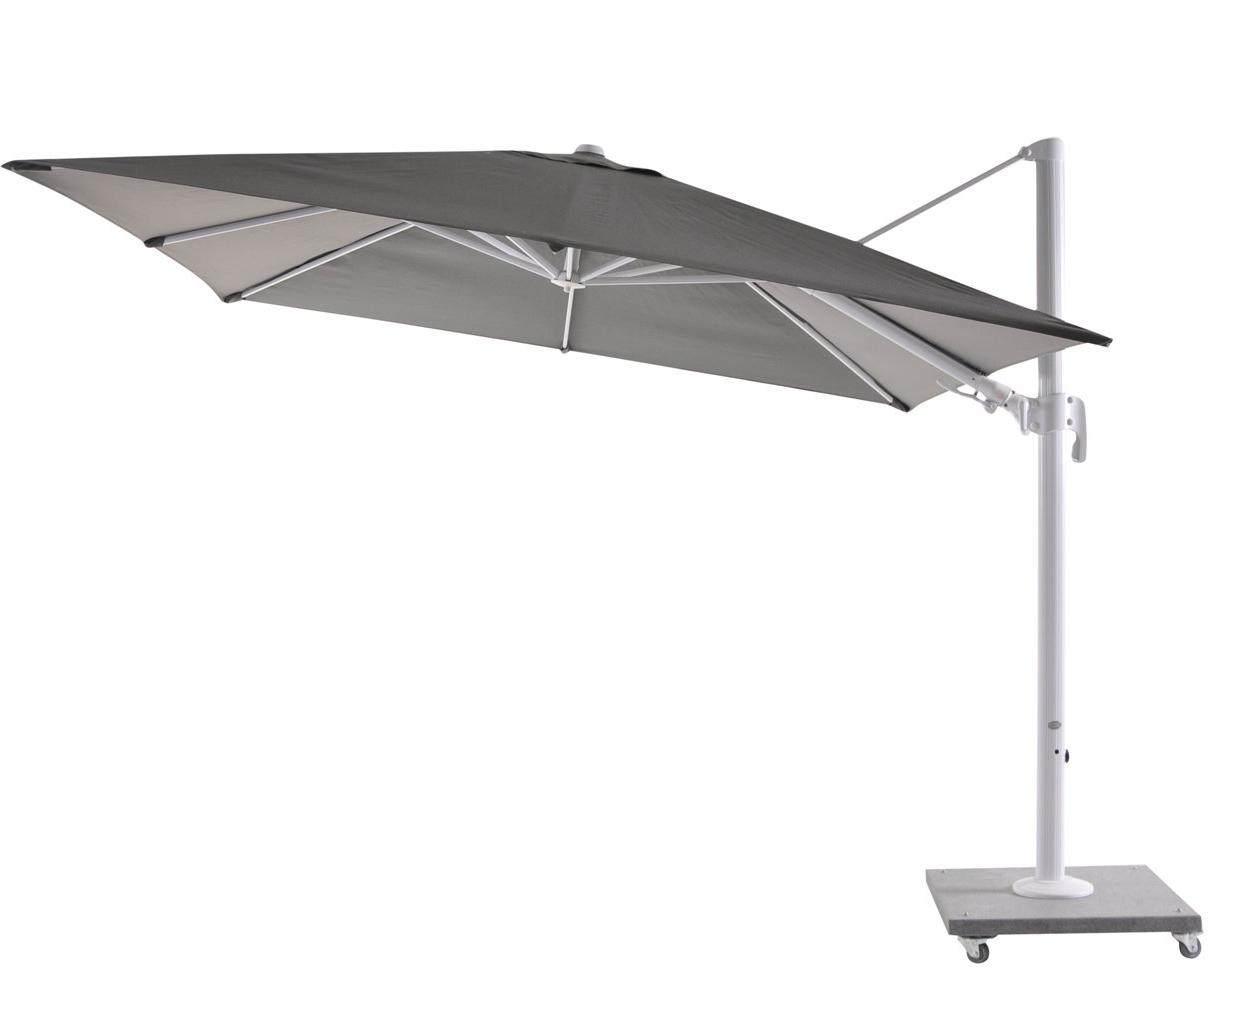 Latest Wardingham Square Cantilever Umbrellas For Bozarth 10' Square Cantilever Umbrella (View 12 of 20)